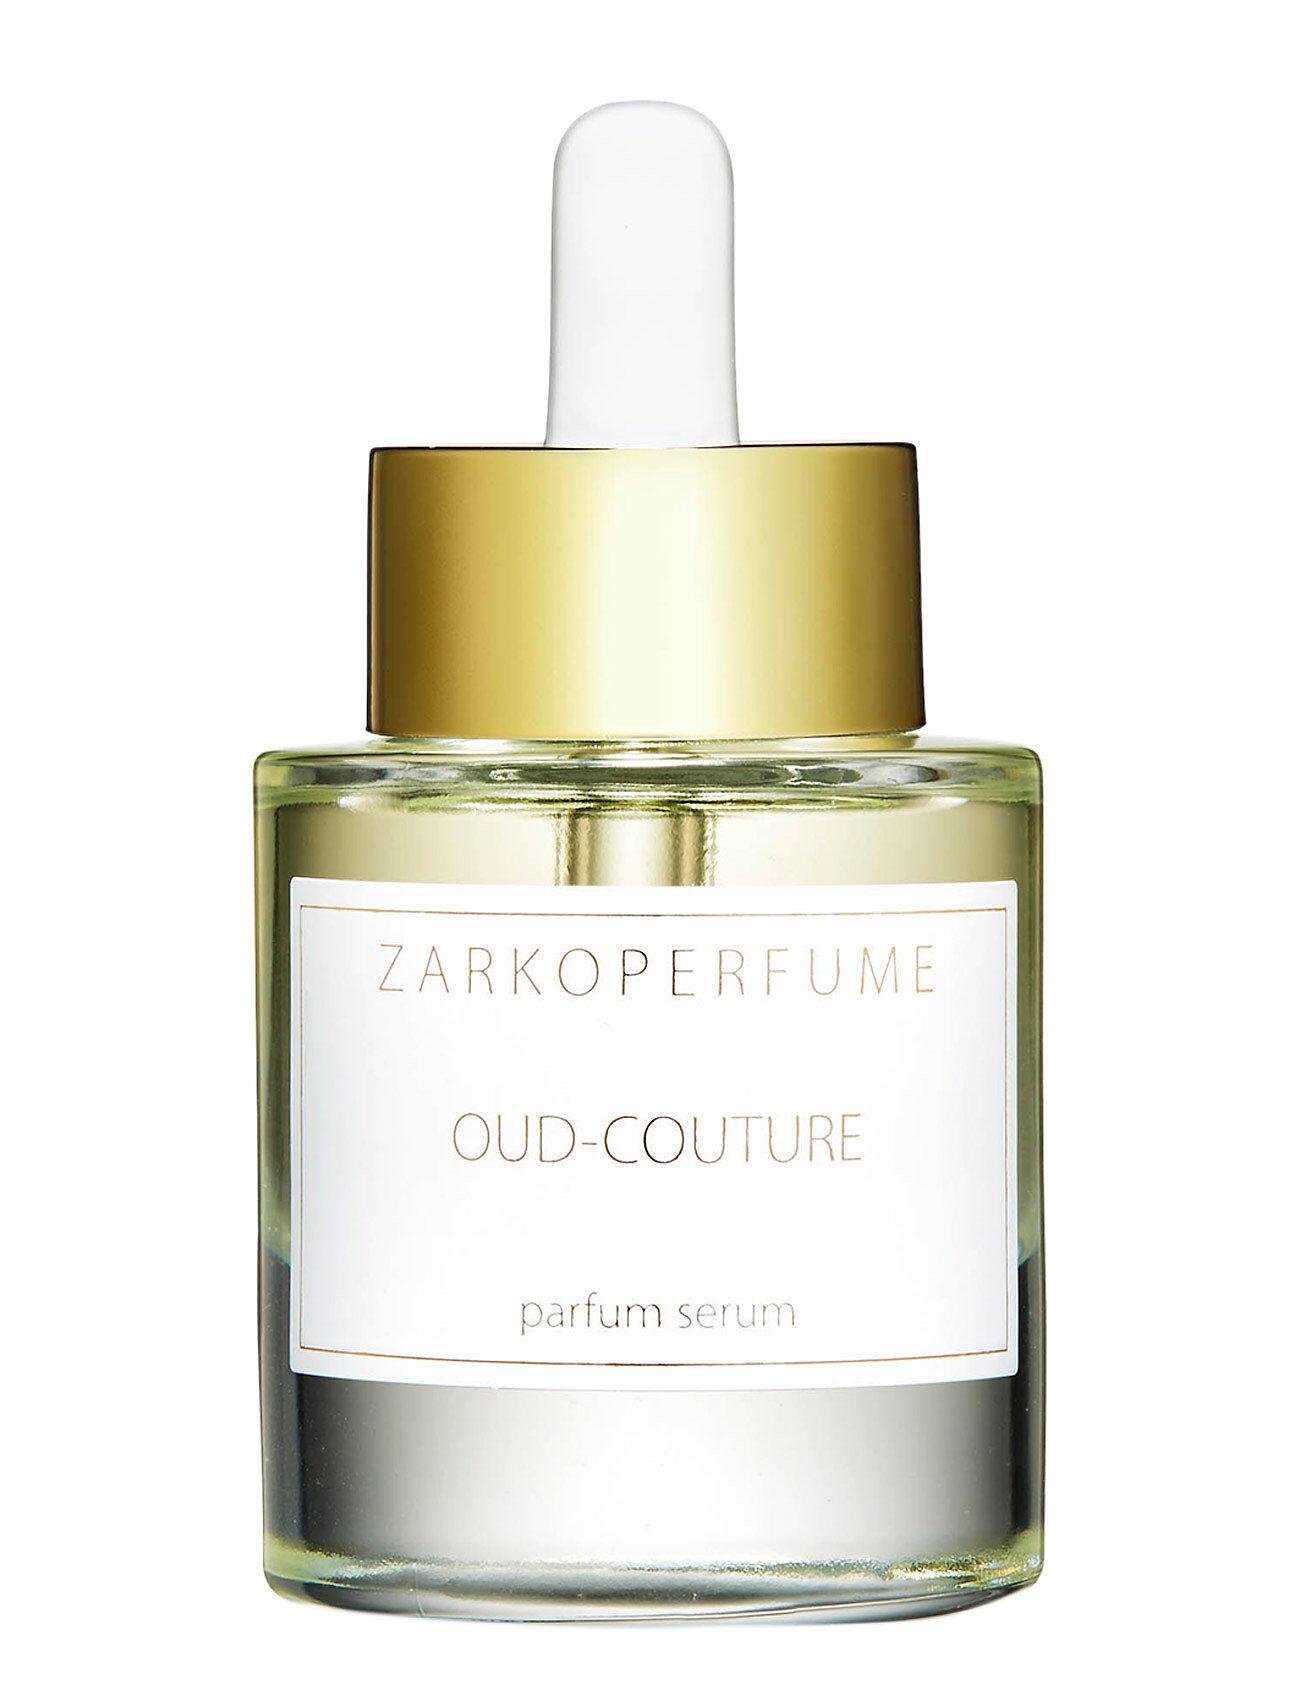 Zarkoperfume Oud - Couture Parfume Serum Hajuvesi Eau De Parfum Nude Zarkoperfume